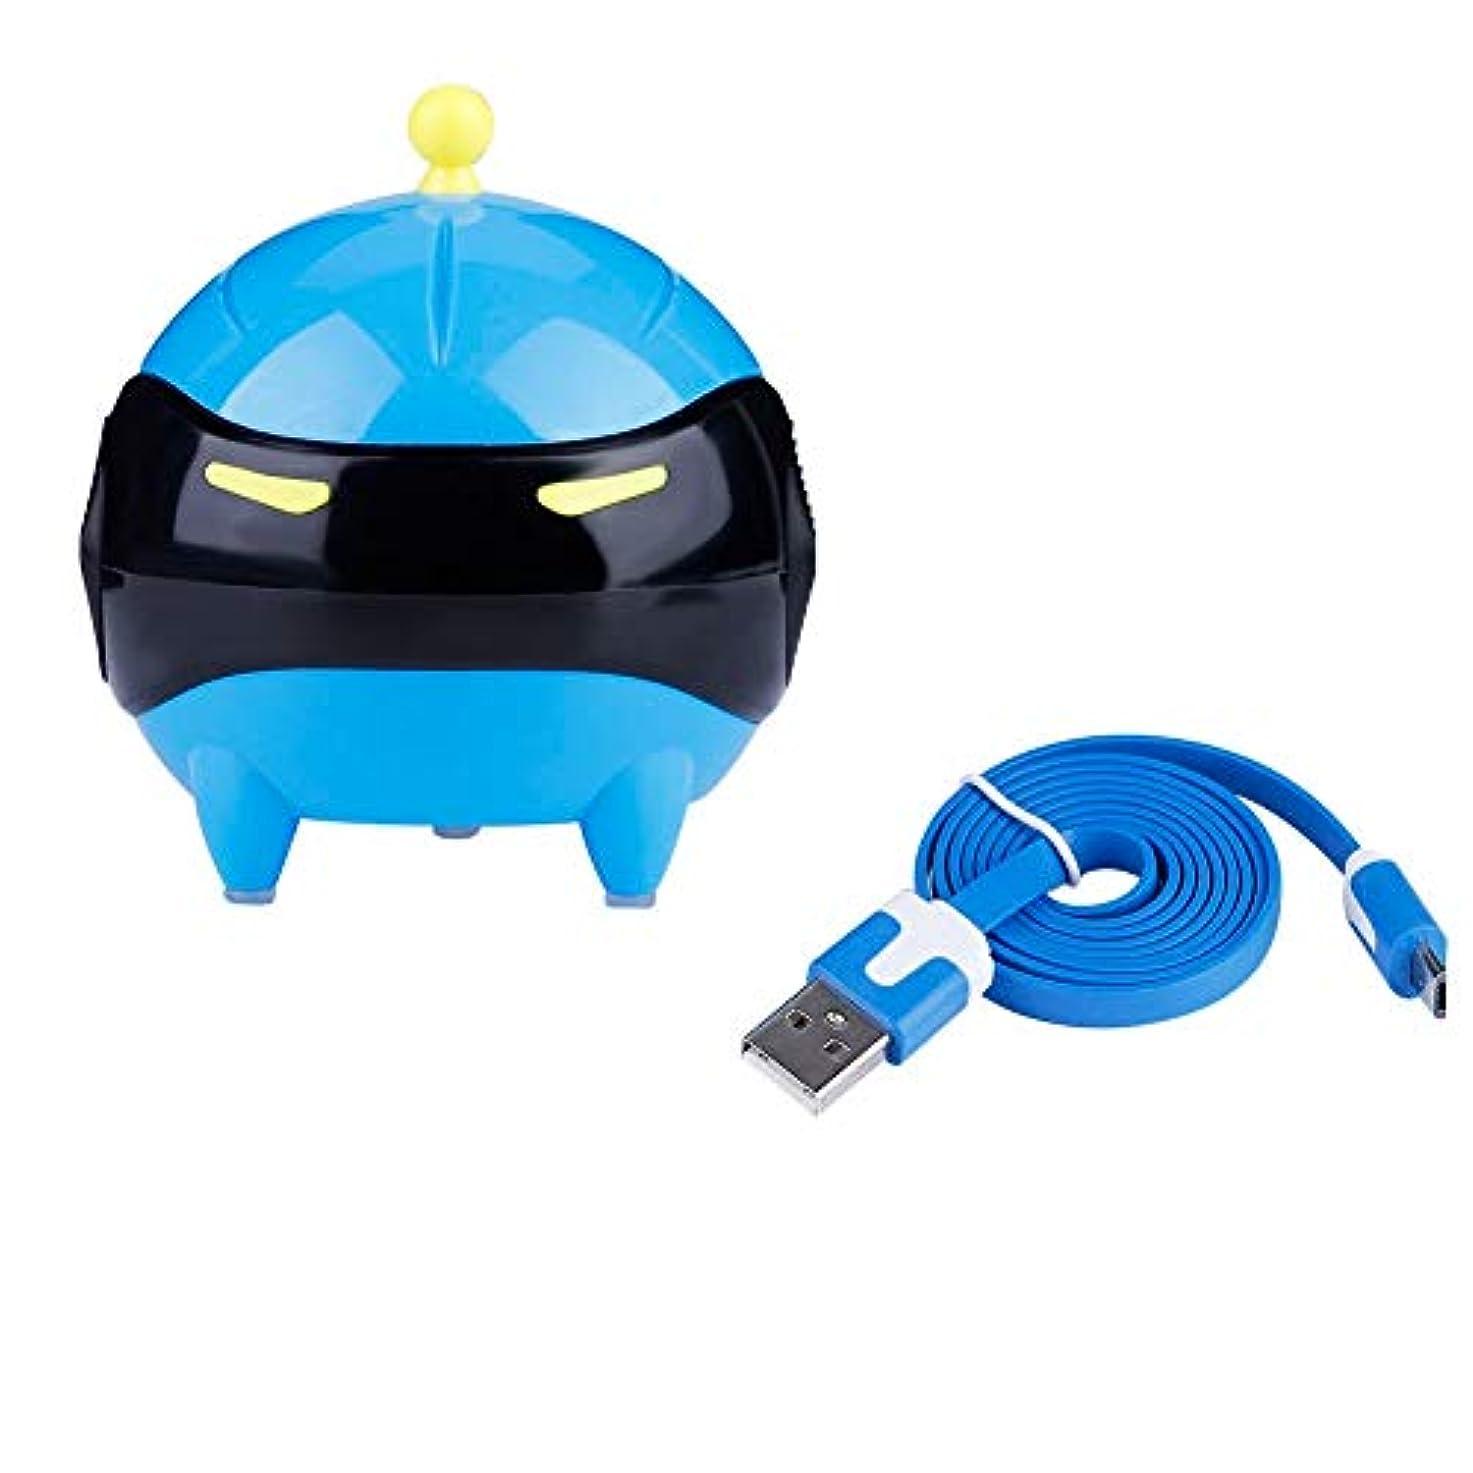 自分を引き上げる泳ぐふざけたコンタクトレンズ洗浄機 コンタクトレンズ超音波洗浄機 5色 コンタクトレンズケース 携帯便利 コンタクトレンズ ボールマスク USB ワッシャー 自動(青)